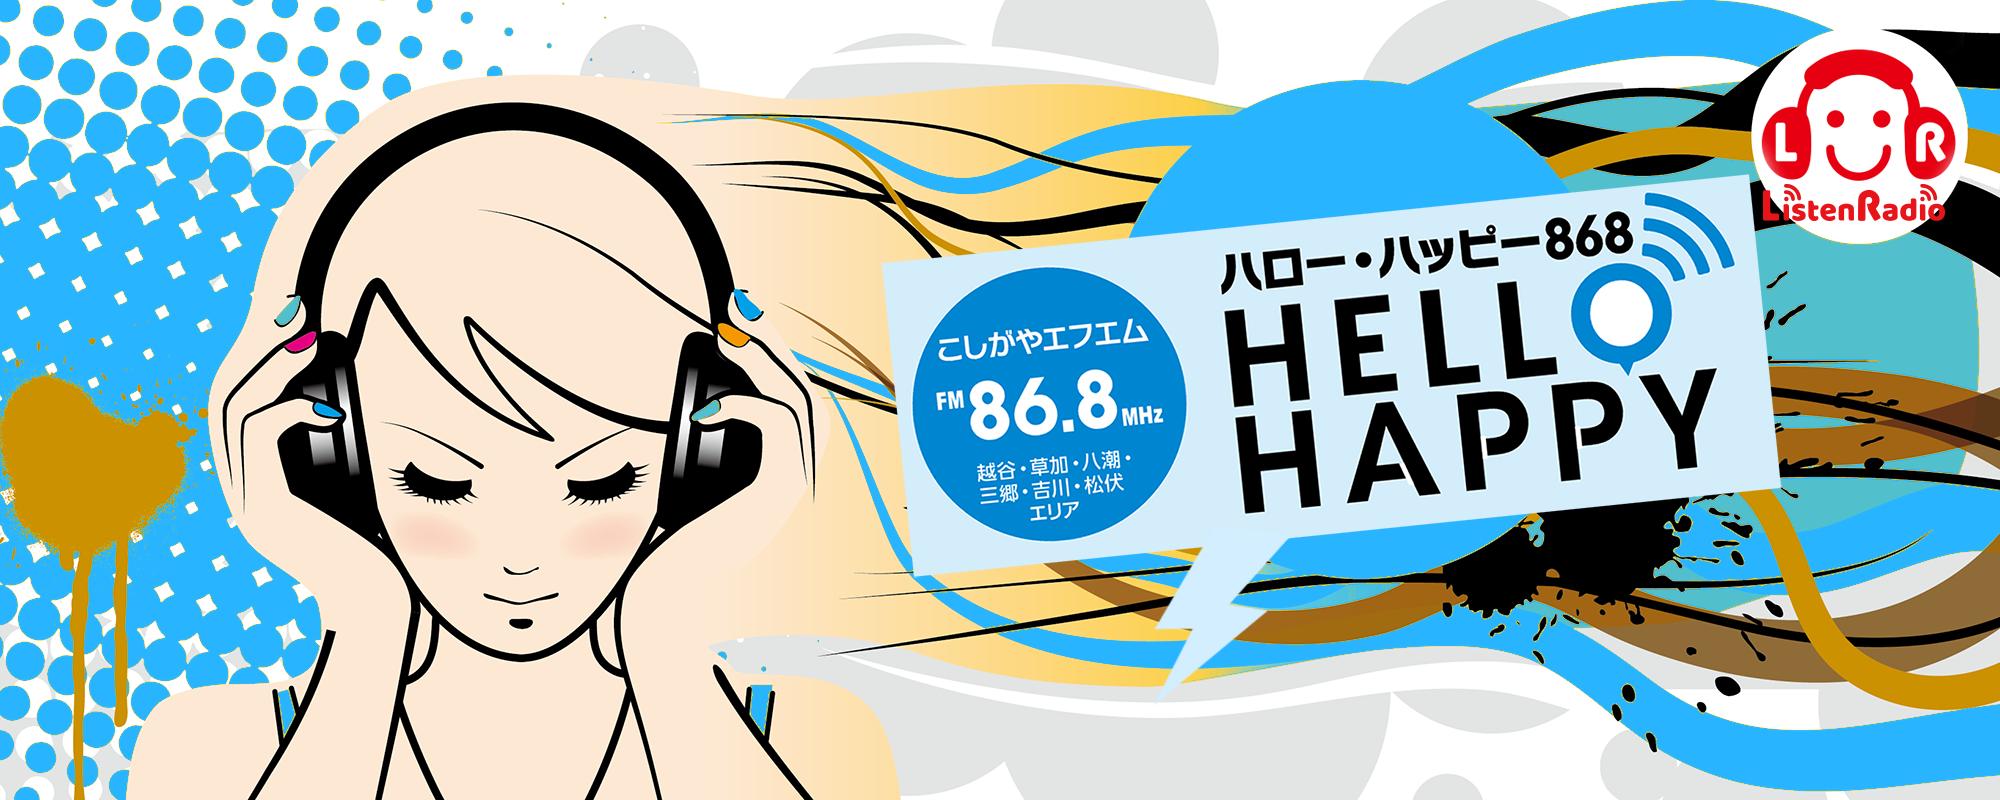 ハローハッピー868 PCやスマホでも視聴できます